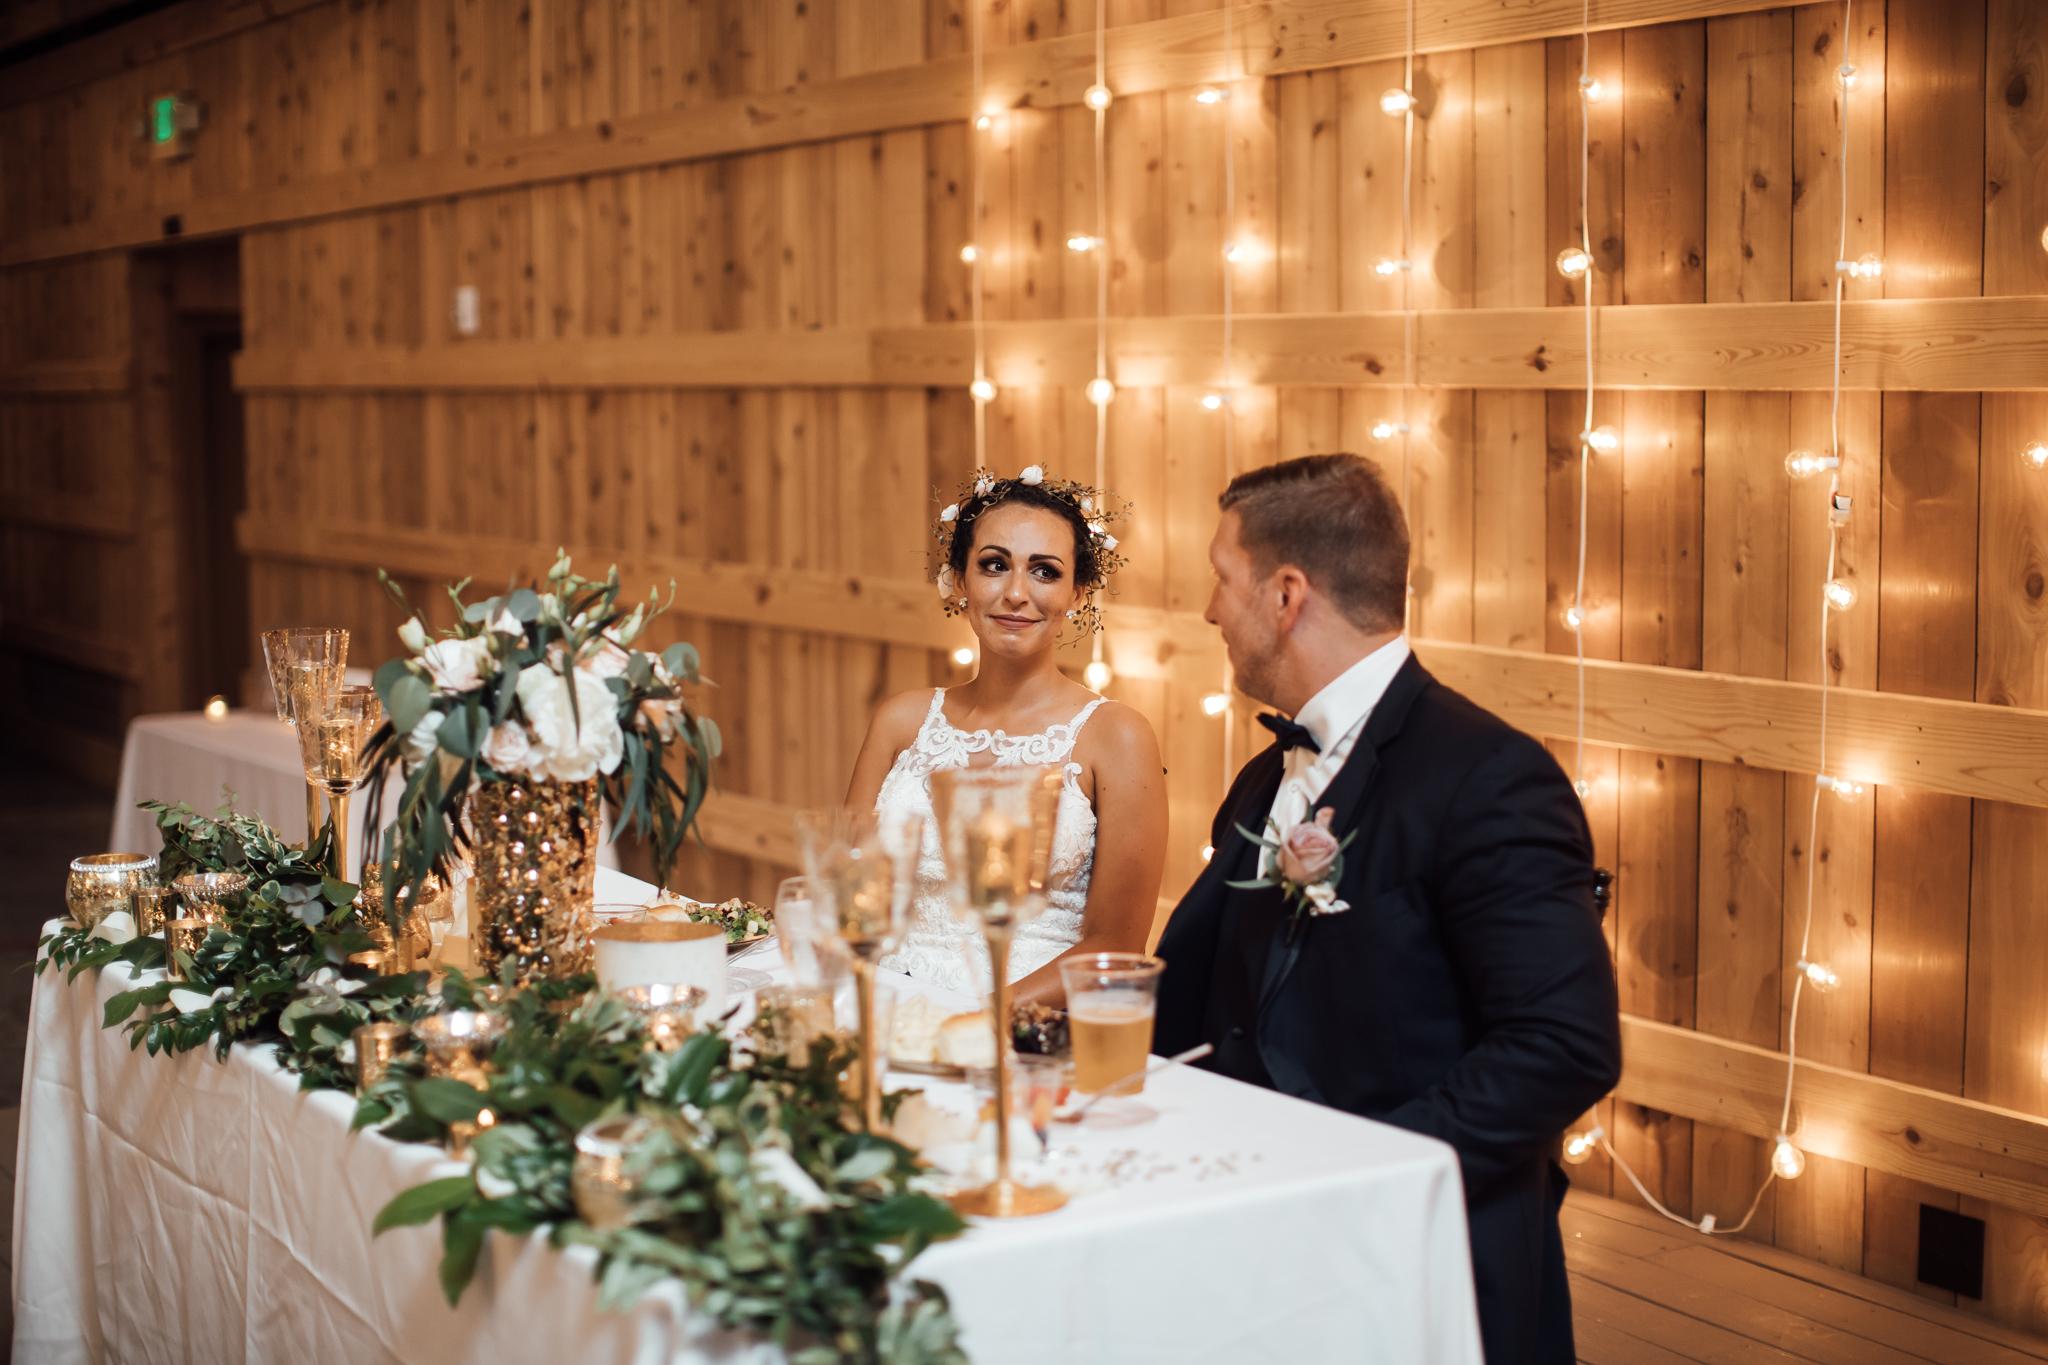 saddlewoodsfarms-nashville-wedding-photographer-thewarmtharoundyou-rustic-wedding (63 of 251).jpg